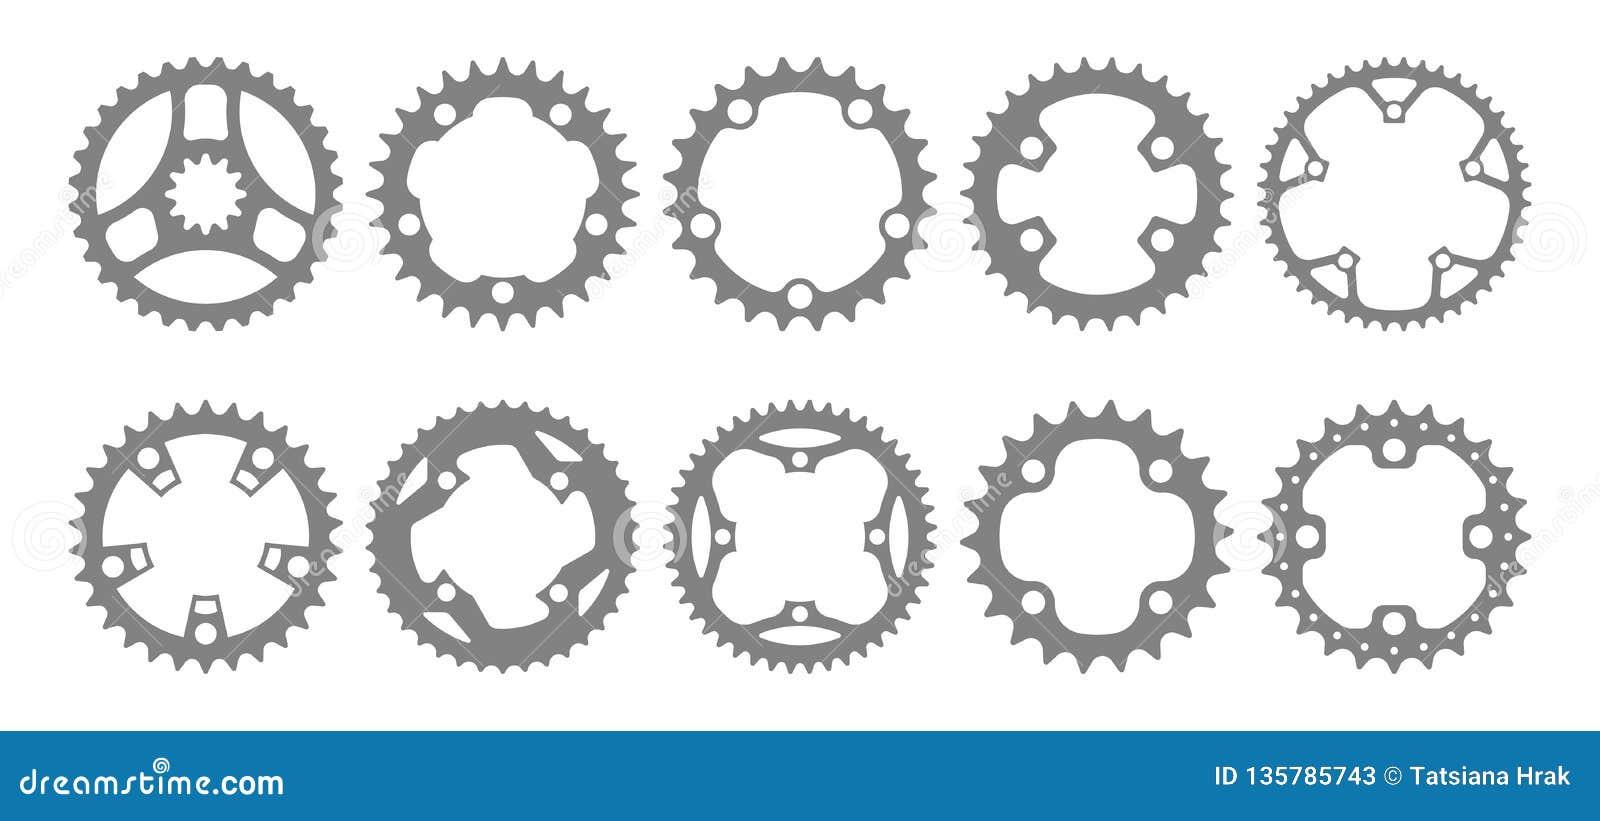 Vektoruppsättning av tio chainring konturer för cykel